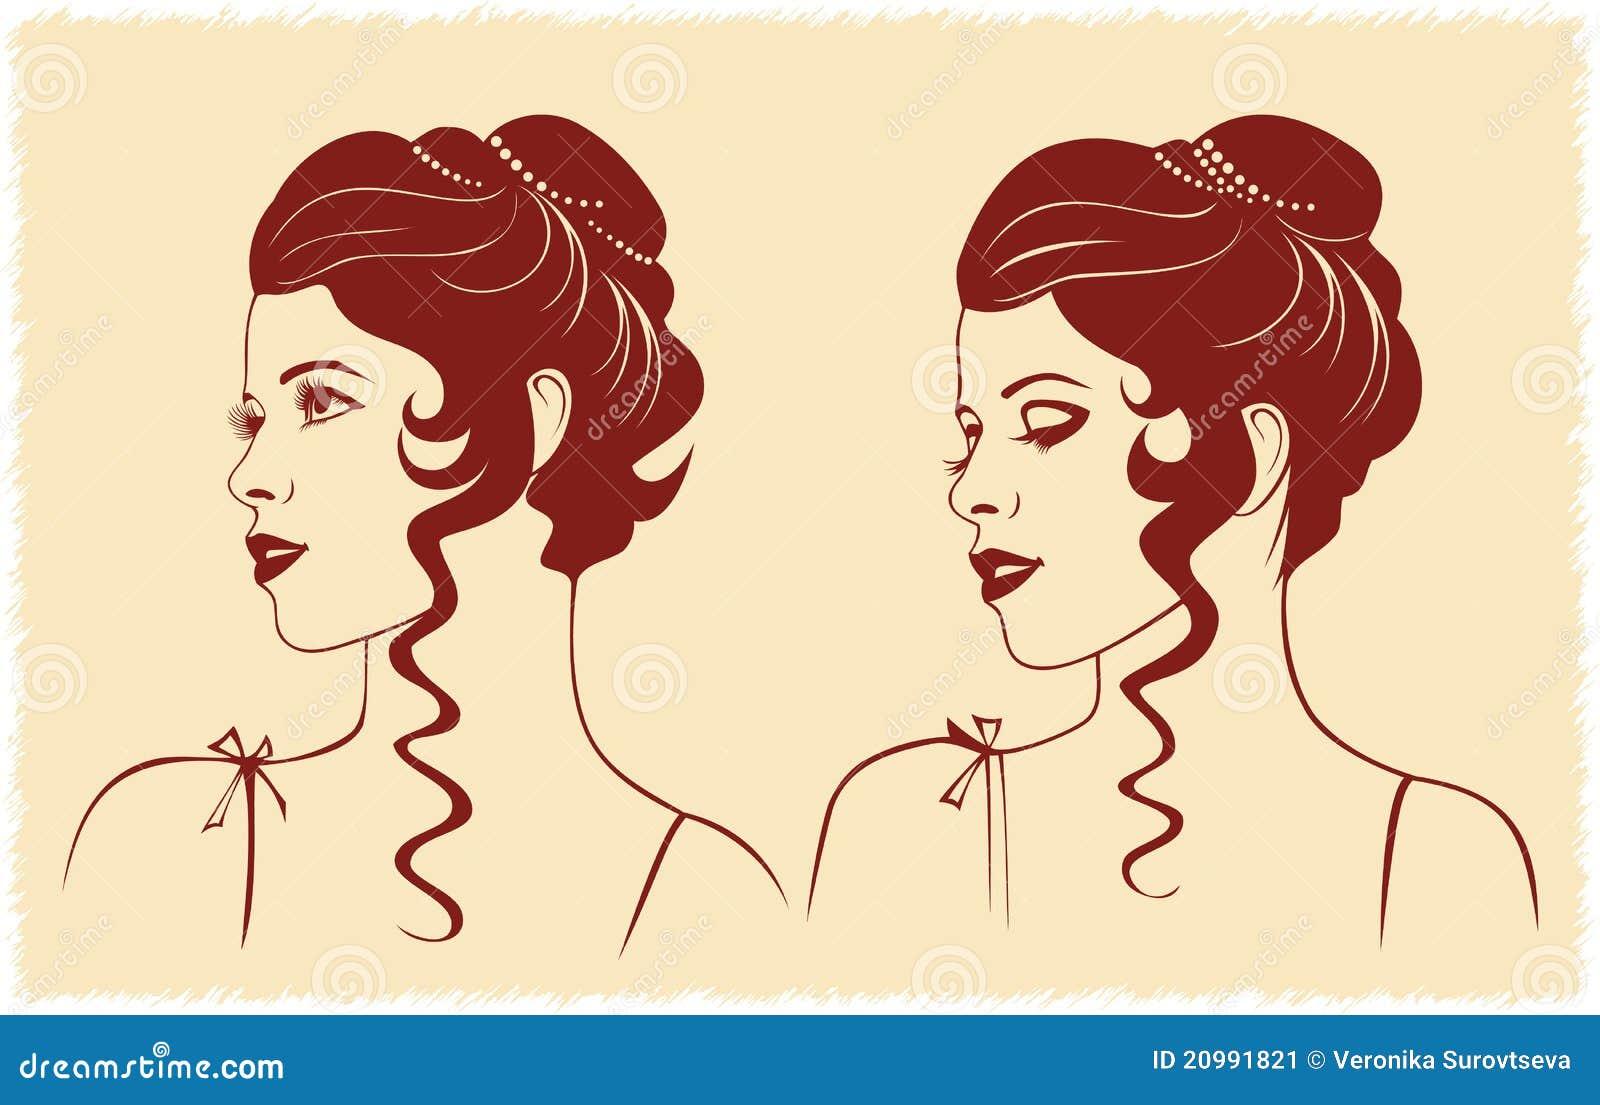 Silhouette de profil de visage de femme illustration de vecteur illustration du isolement - Visage profil dessin ...